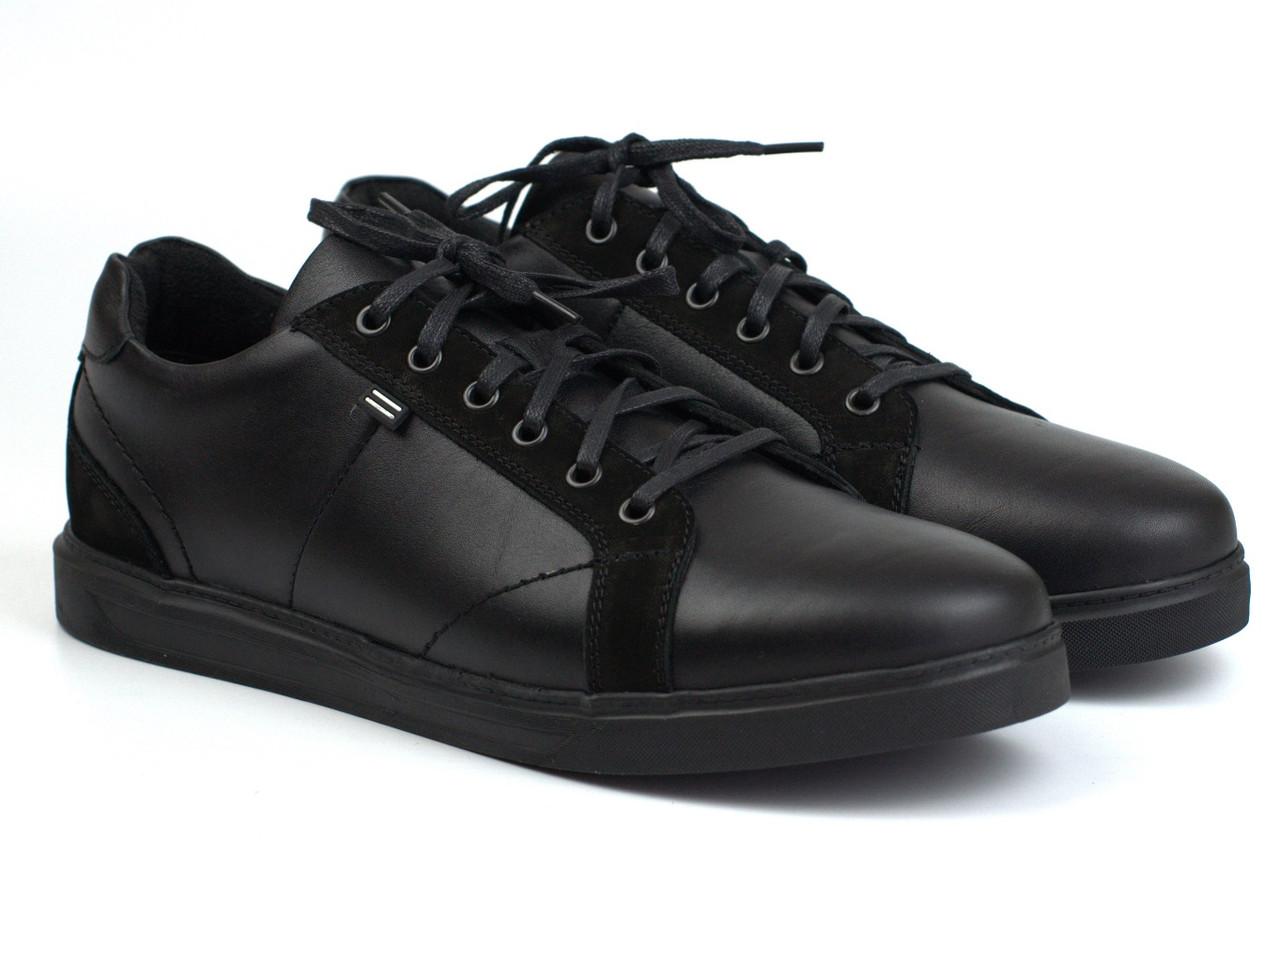 Мужские кожаные кроссовки черные кеды обувь больших размеров Rosso Avangard Puran Night Black BS